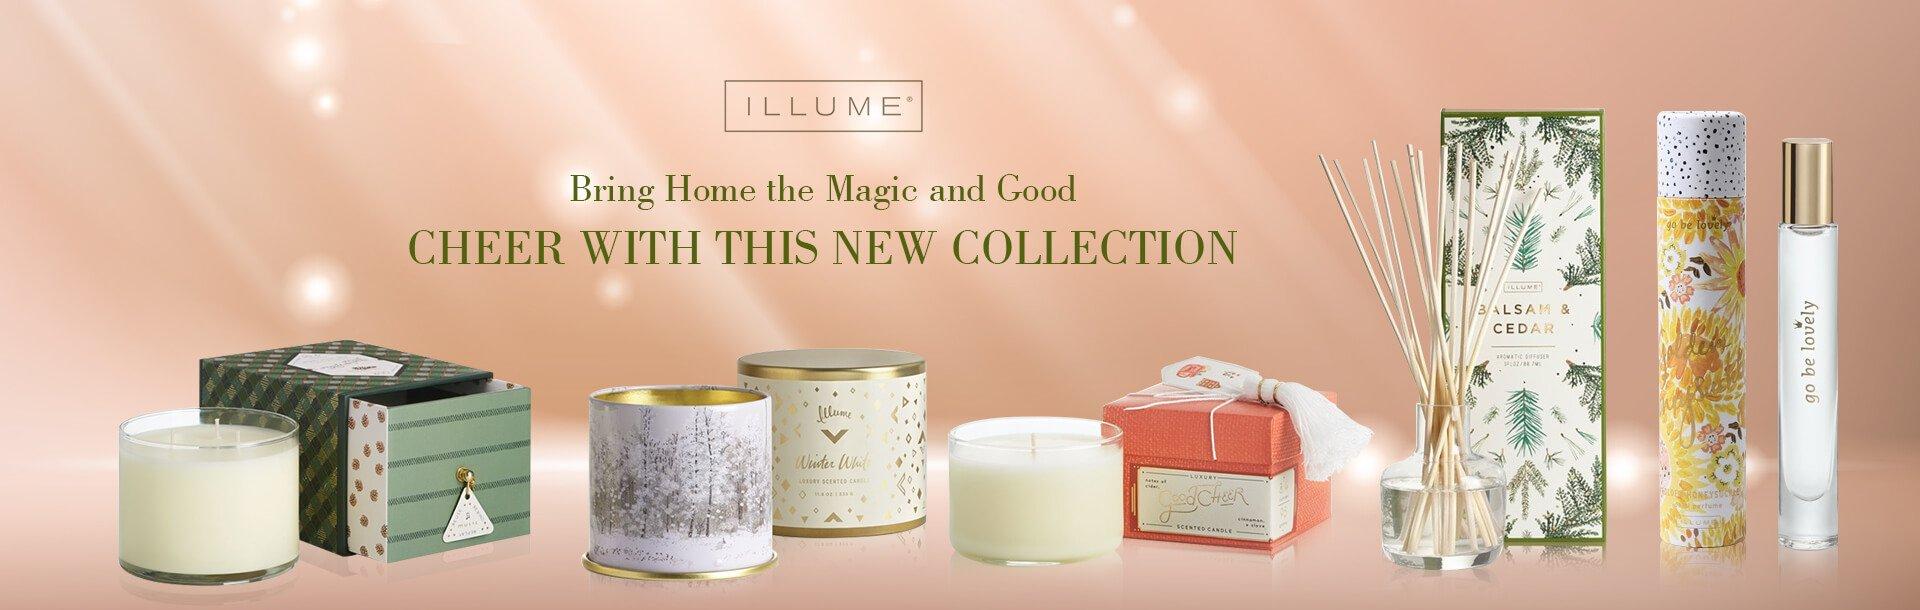 Illume Collection